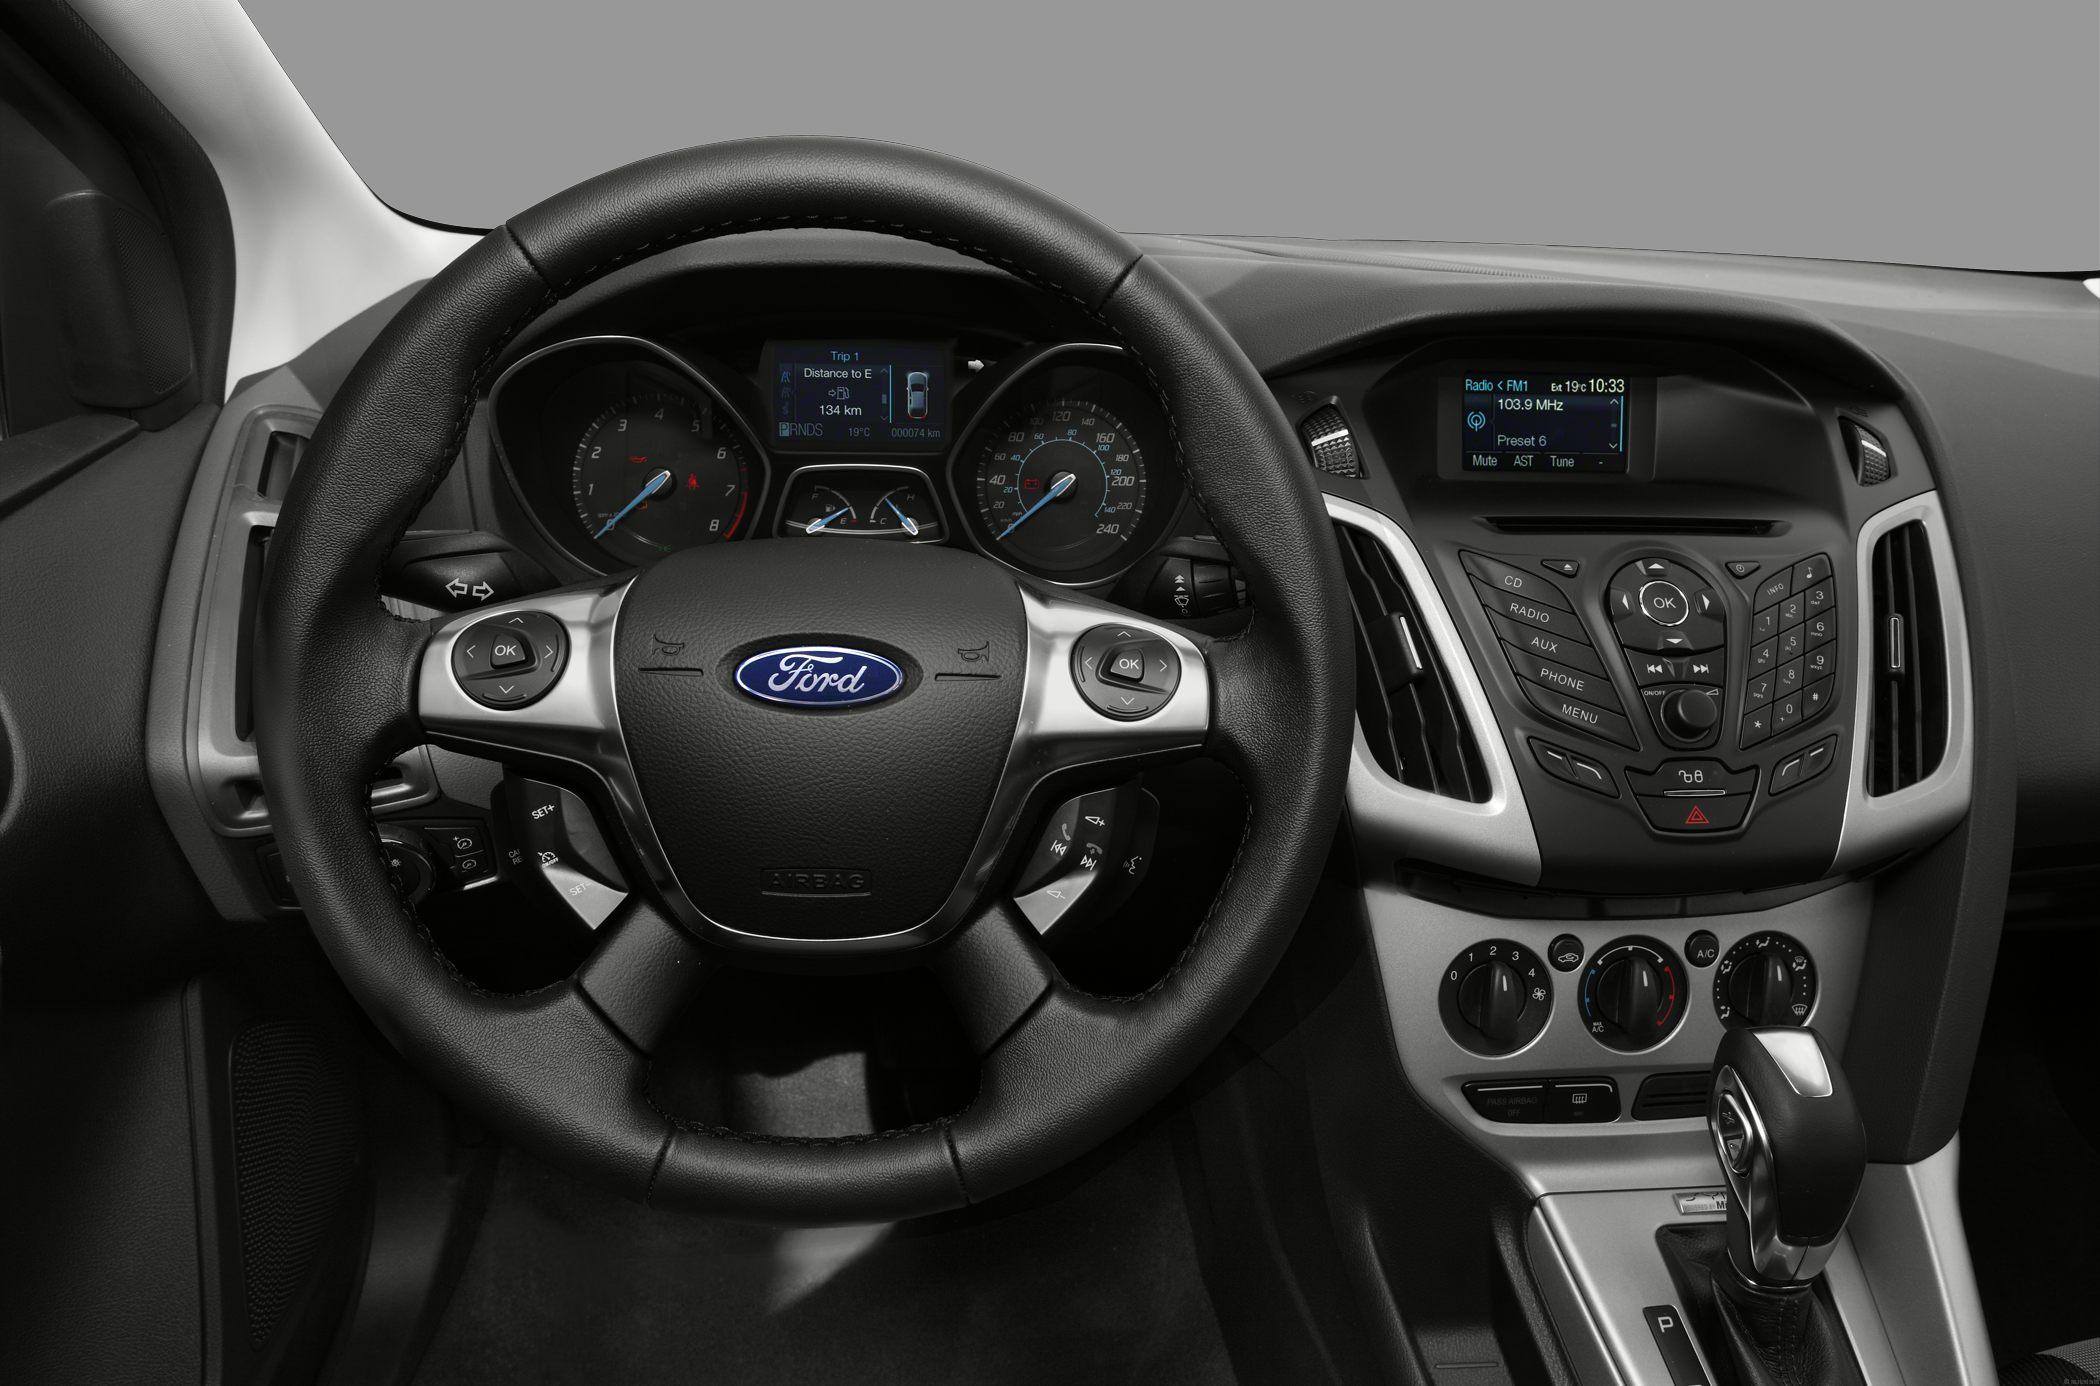 2012 Ford Focus Interior